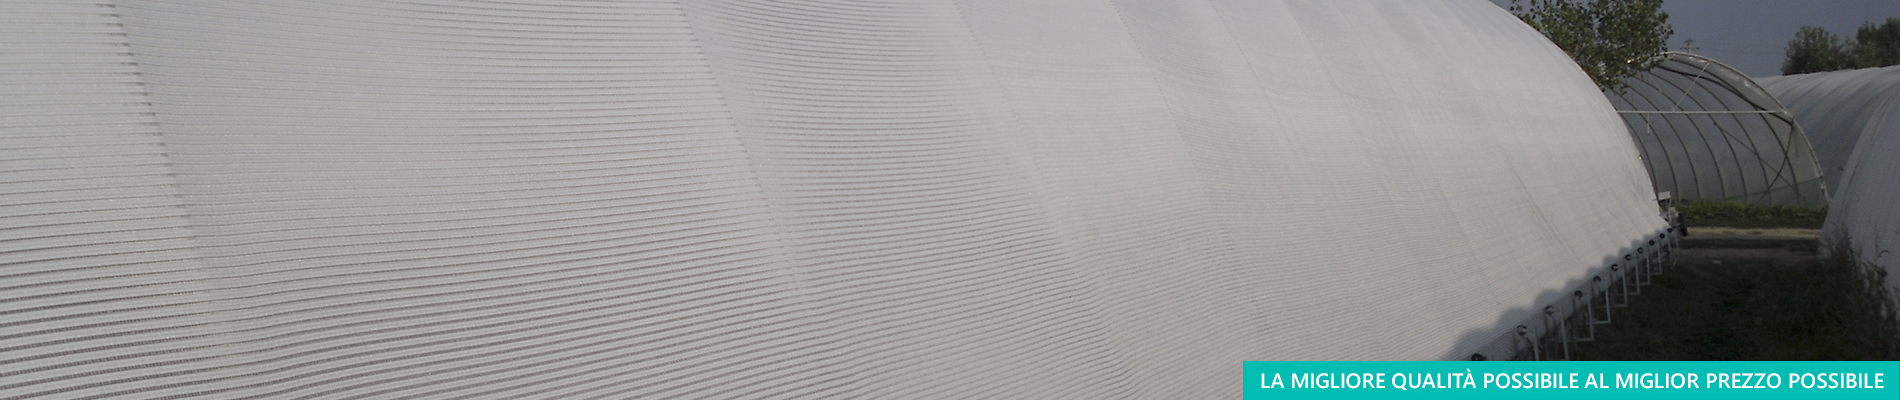 Vendita di schermi termici per ombreggio - Aduno srl